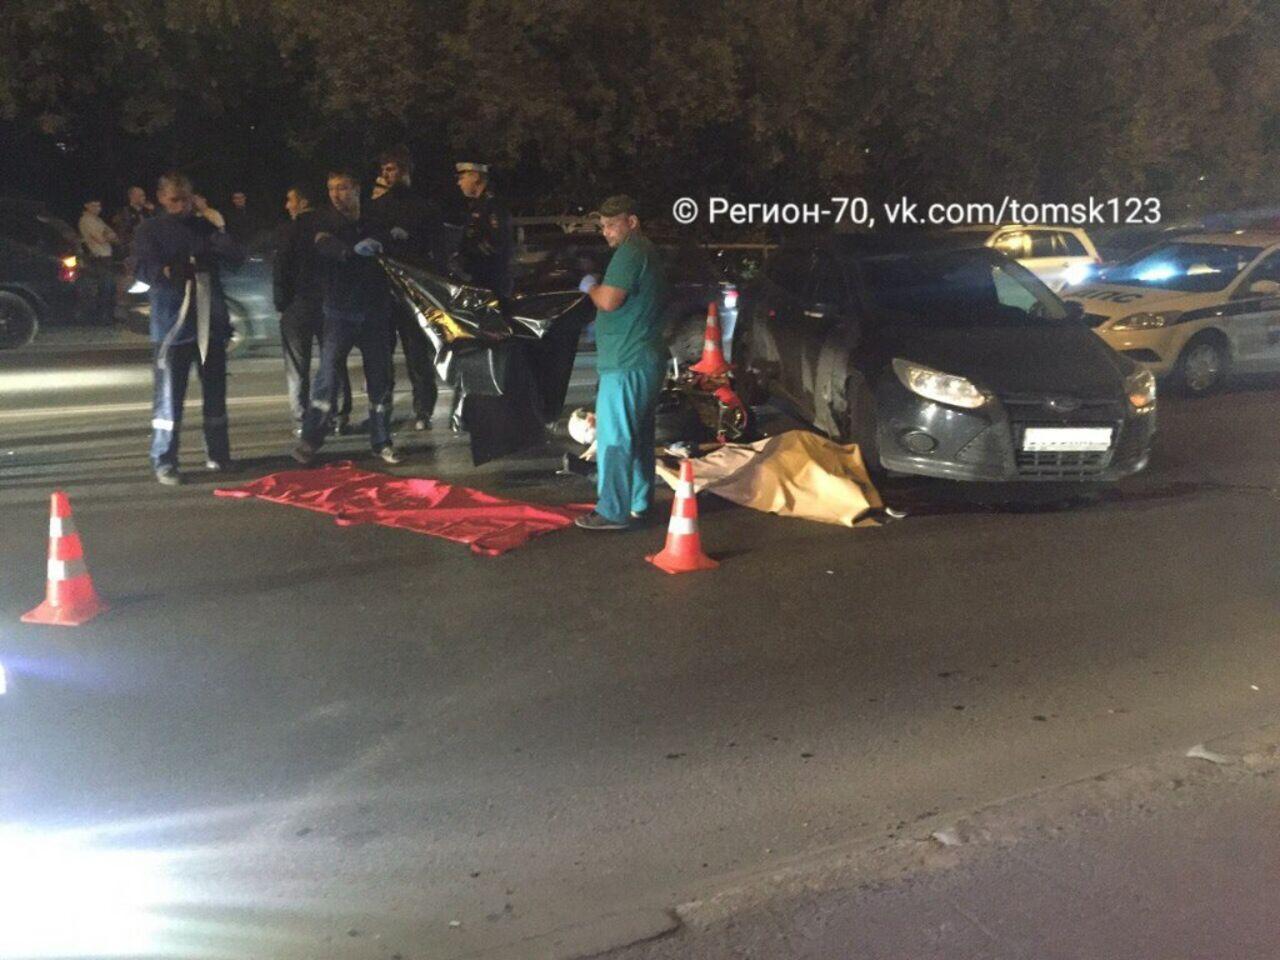 Смертоносная авария смотоциклистом: Форд разворачивался внеположенном месте